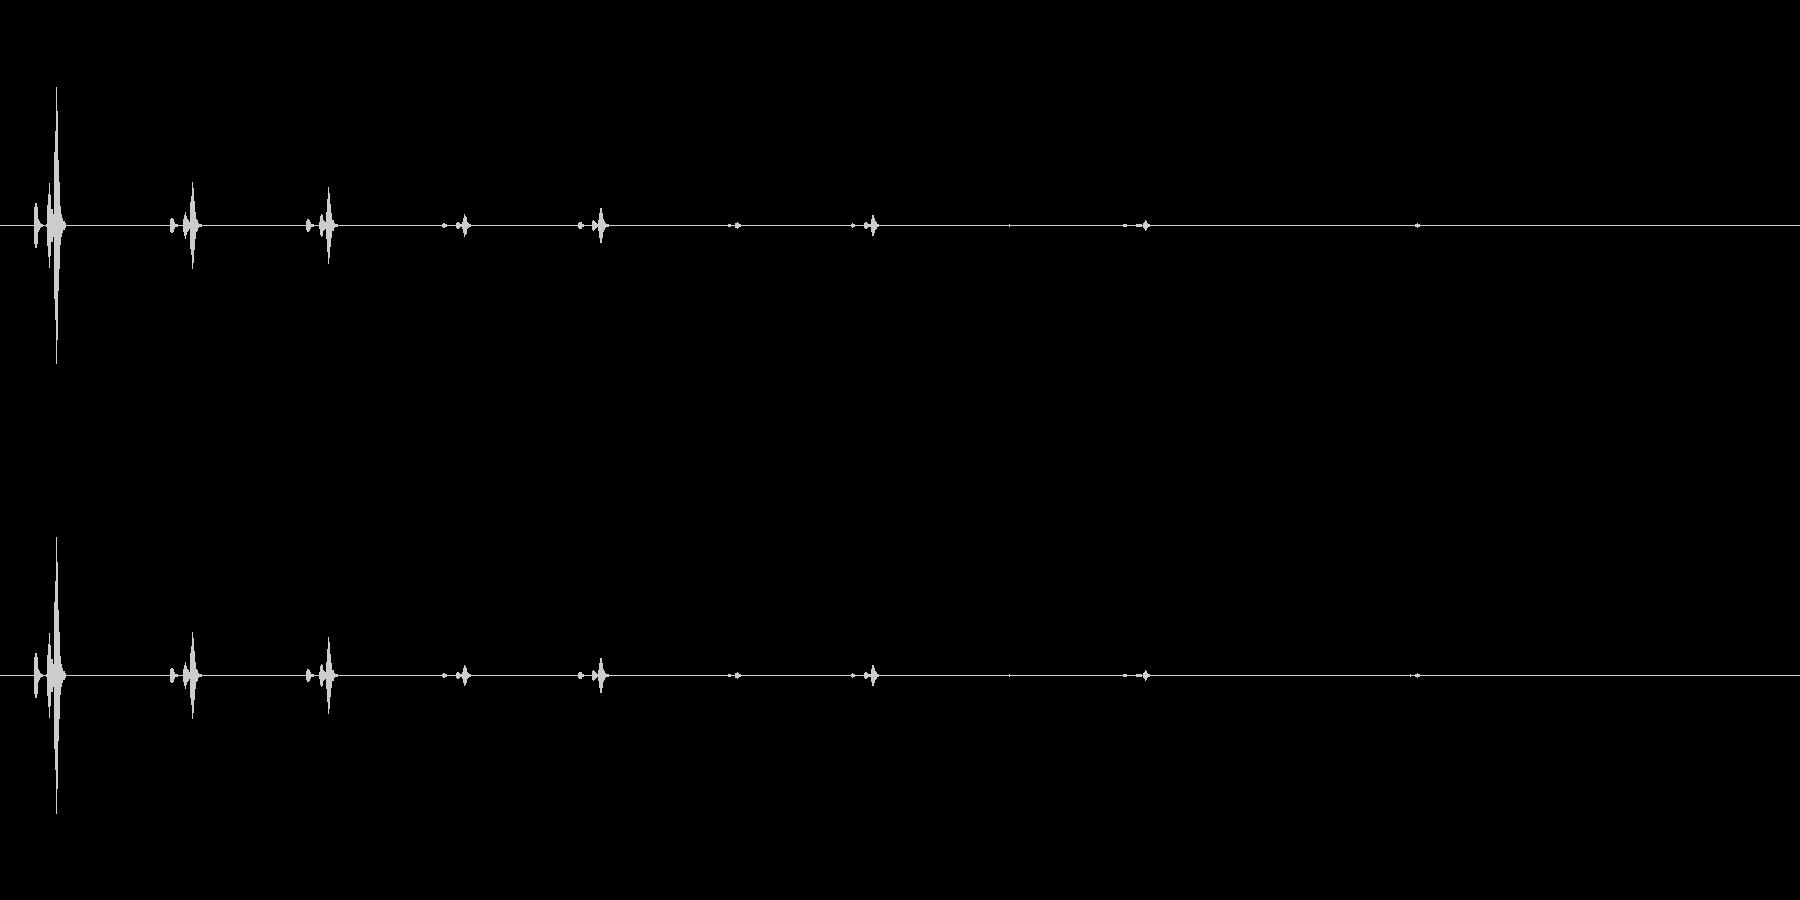 【時計2】クロック、アンティーク、残響の未再生の波形